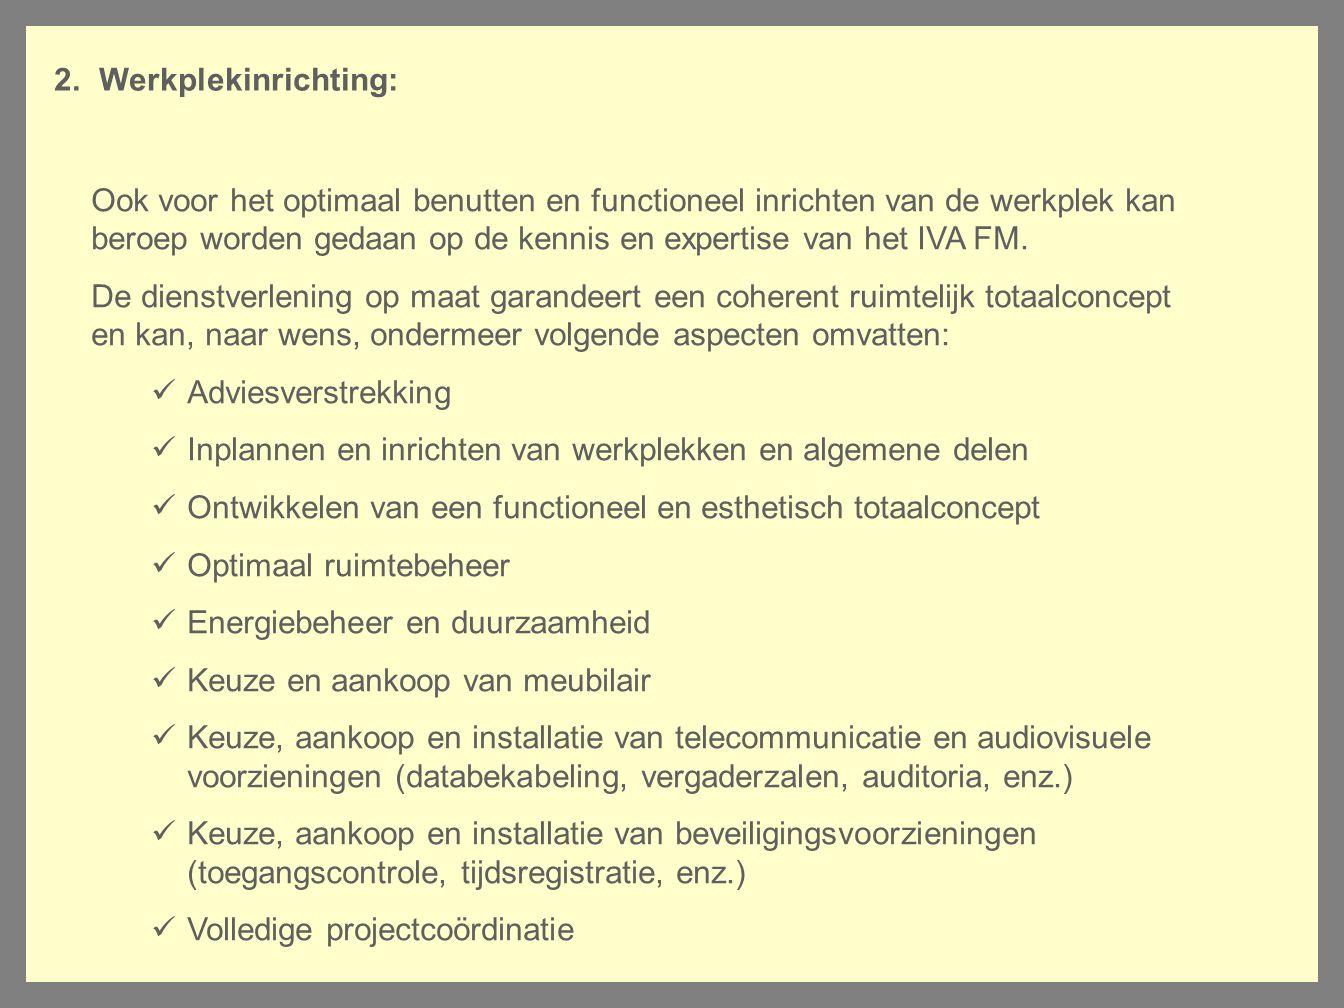 2. Werkplekinrichting: Ook voor het optimaal benutten en functioneel inrichten van de werkplek kan beroep worden gedaan op de kennis en expertise van